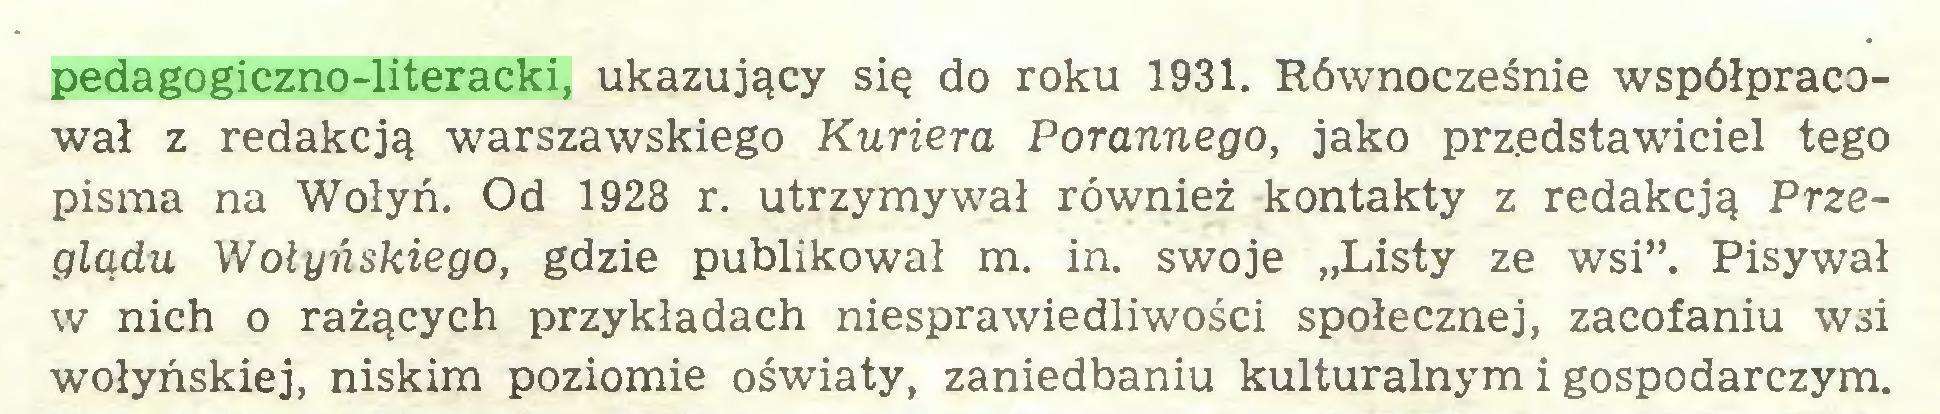 """(...) pedagogiczno-literacki, ukazujący się do roku 1931. Równocześnie współpracował z redakcją warszawskiego Kuriera Porannego, jako przedstawiciel tego pisma na Wołyń. Od 1928 r. utrzymywał również kontakty z redakcją Przeglądu Wołyńskiego, gdzie publikował m. in. swoje """"Listy ze wsi"""". Pisywał w nich o rażących przykładach niesprawiedliwości społecznej, zacofaniu W3i wołyńskiej, niskim poziomie oświaty, zaniedbaniu kulturalnym i gospodarczym..."""